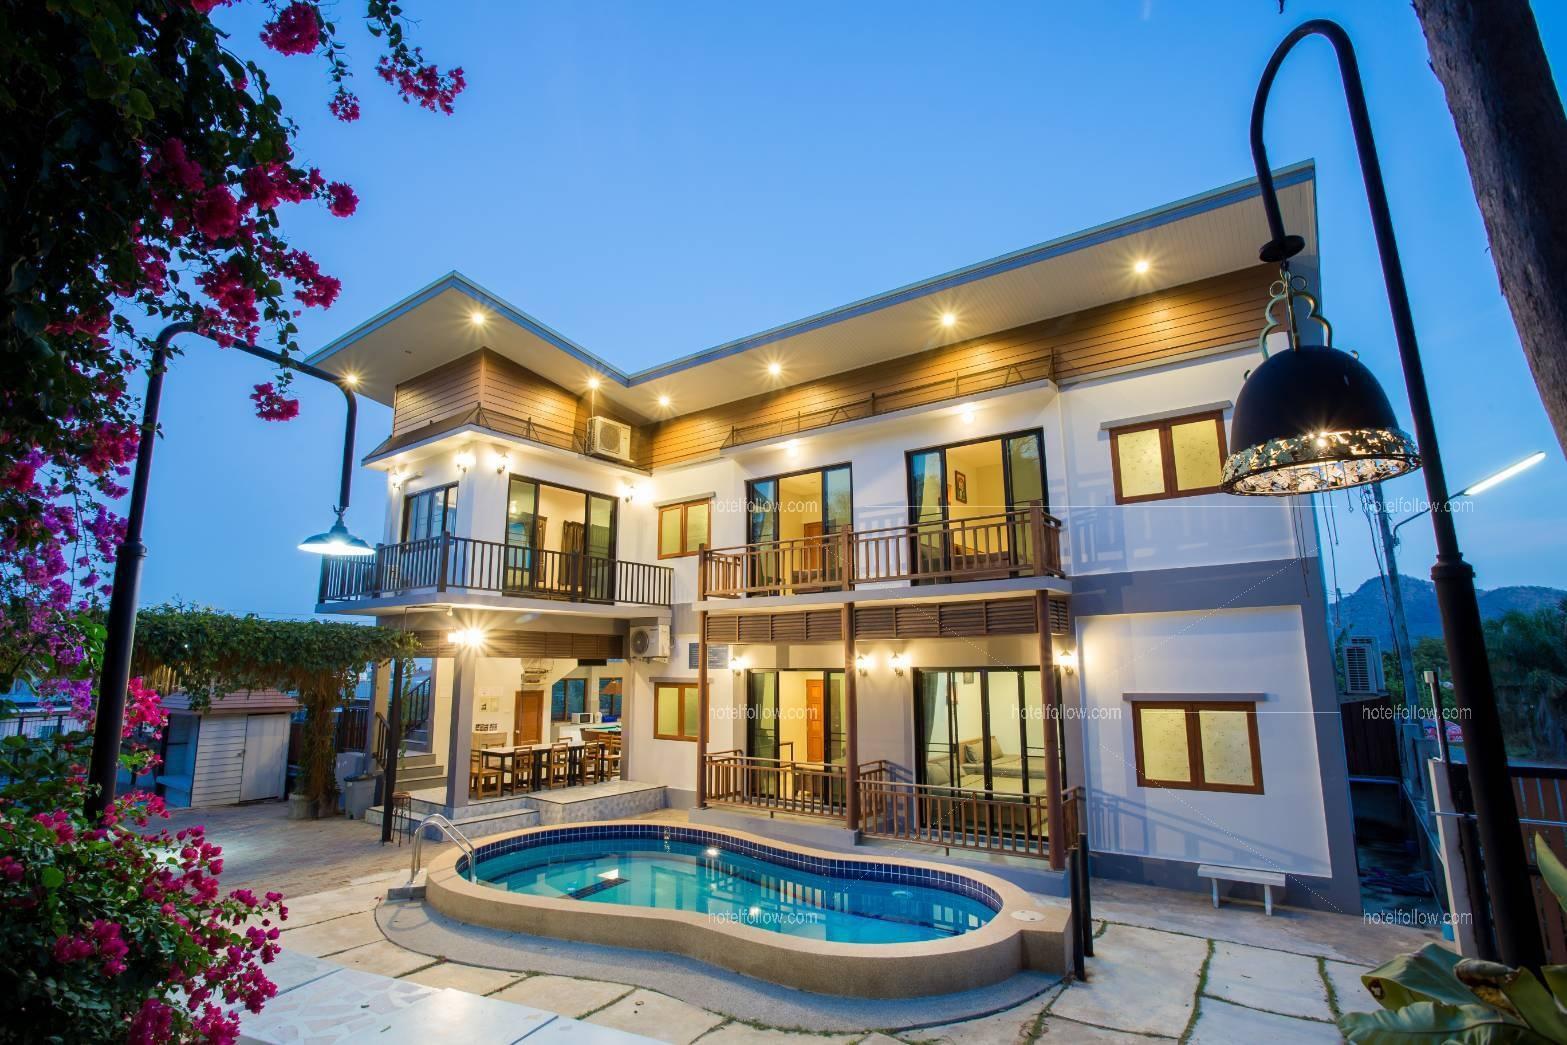 โรงแรม บ้านกีตาร์ หัวหิน พูลวิลล่า (ปิ้งย่าง ทำอาหารได้ 4 นอน)